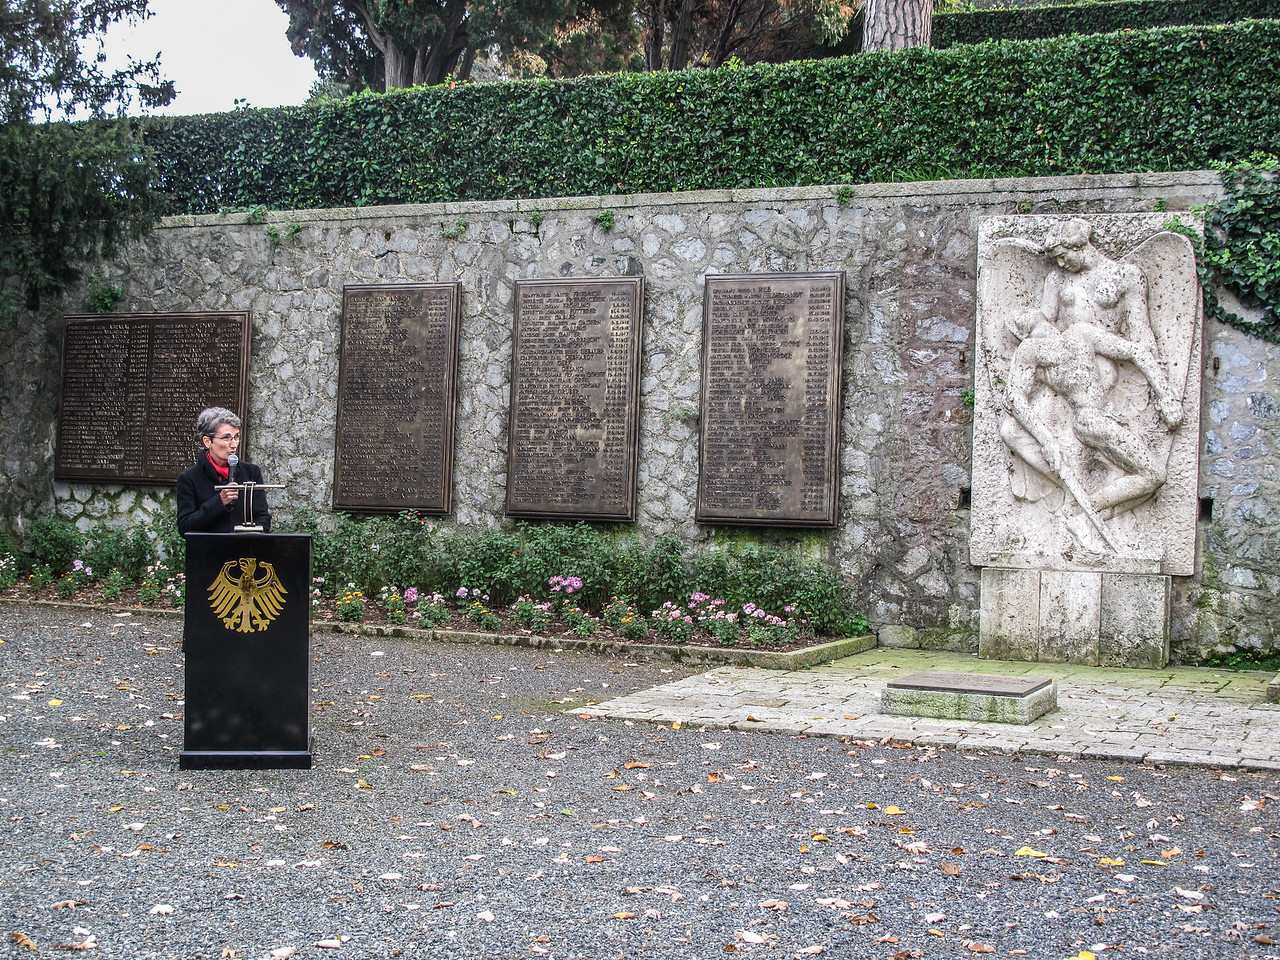 Consul General Brita Wagener